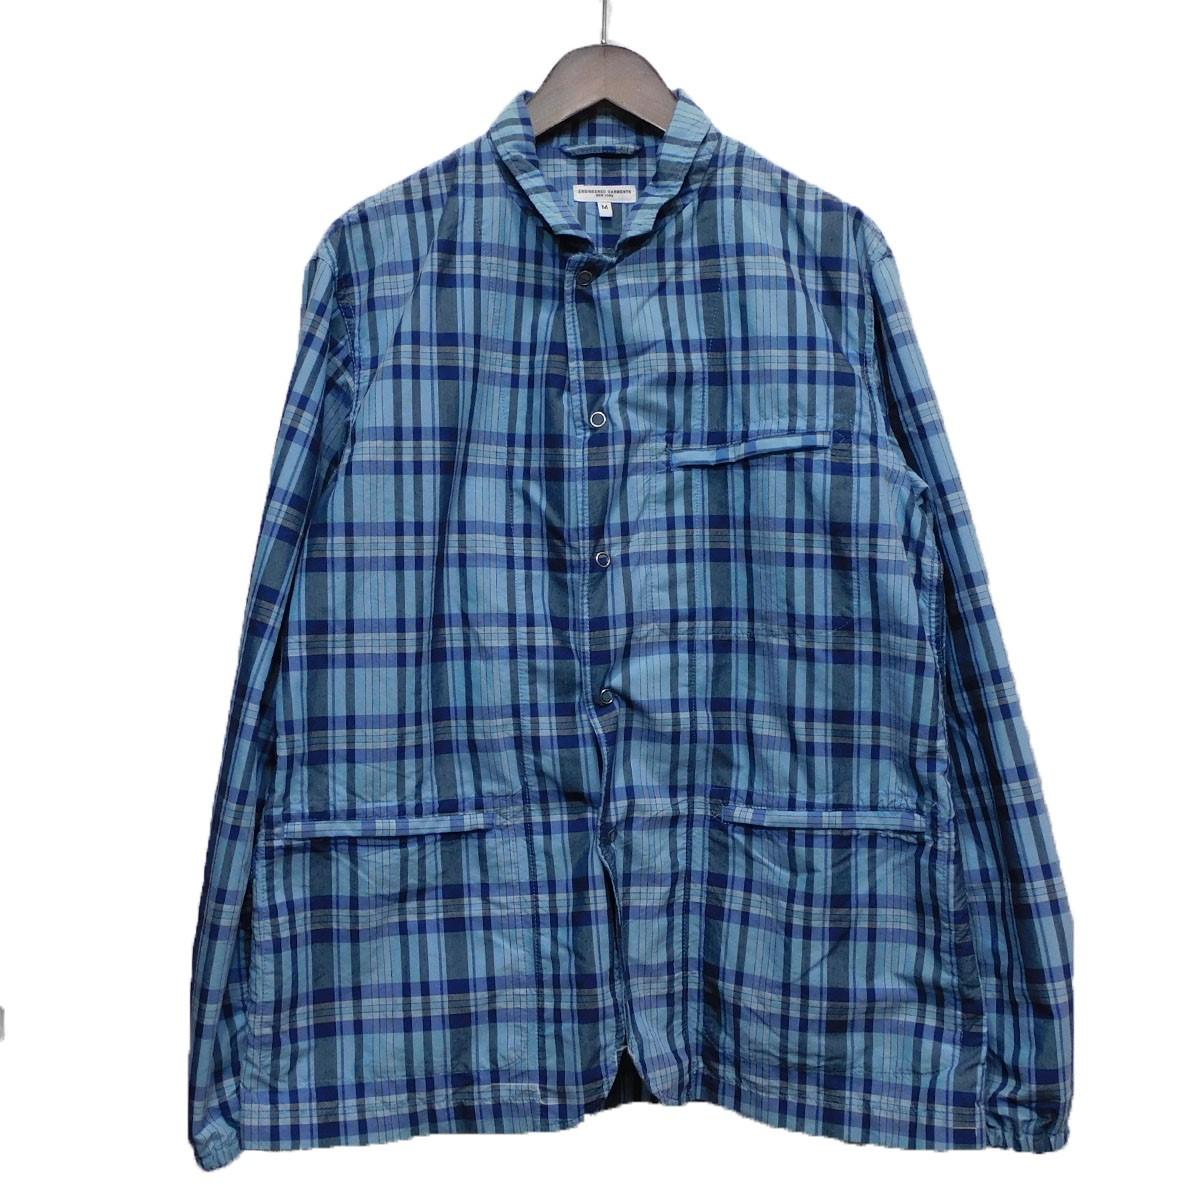 【中古】Engineered Garmentsチェックカバーオール ブルー サイズ:M 【5月11日見直し】